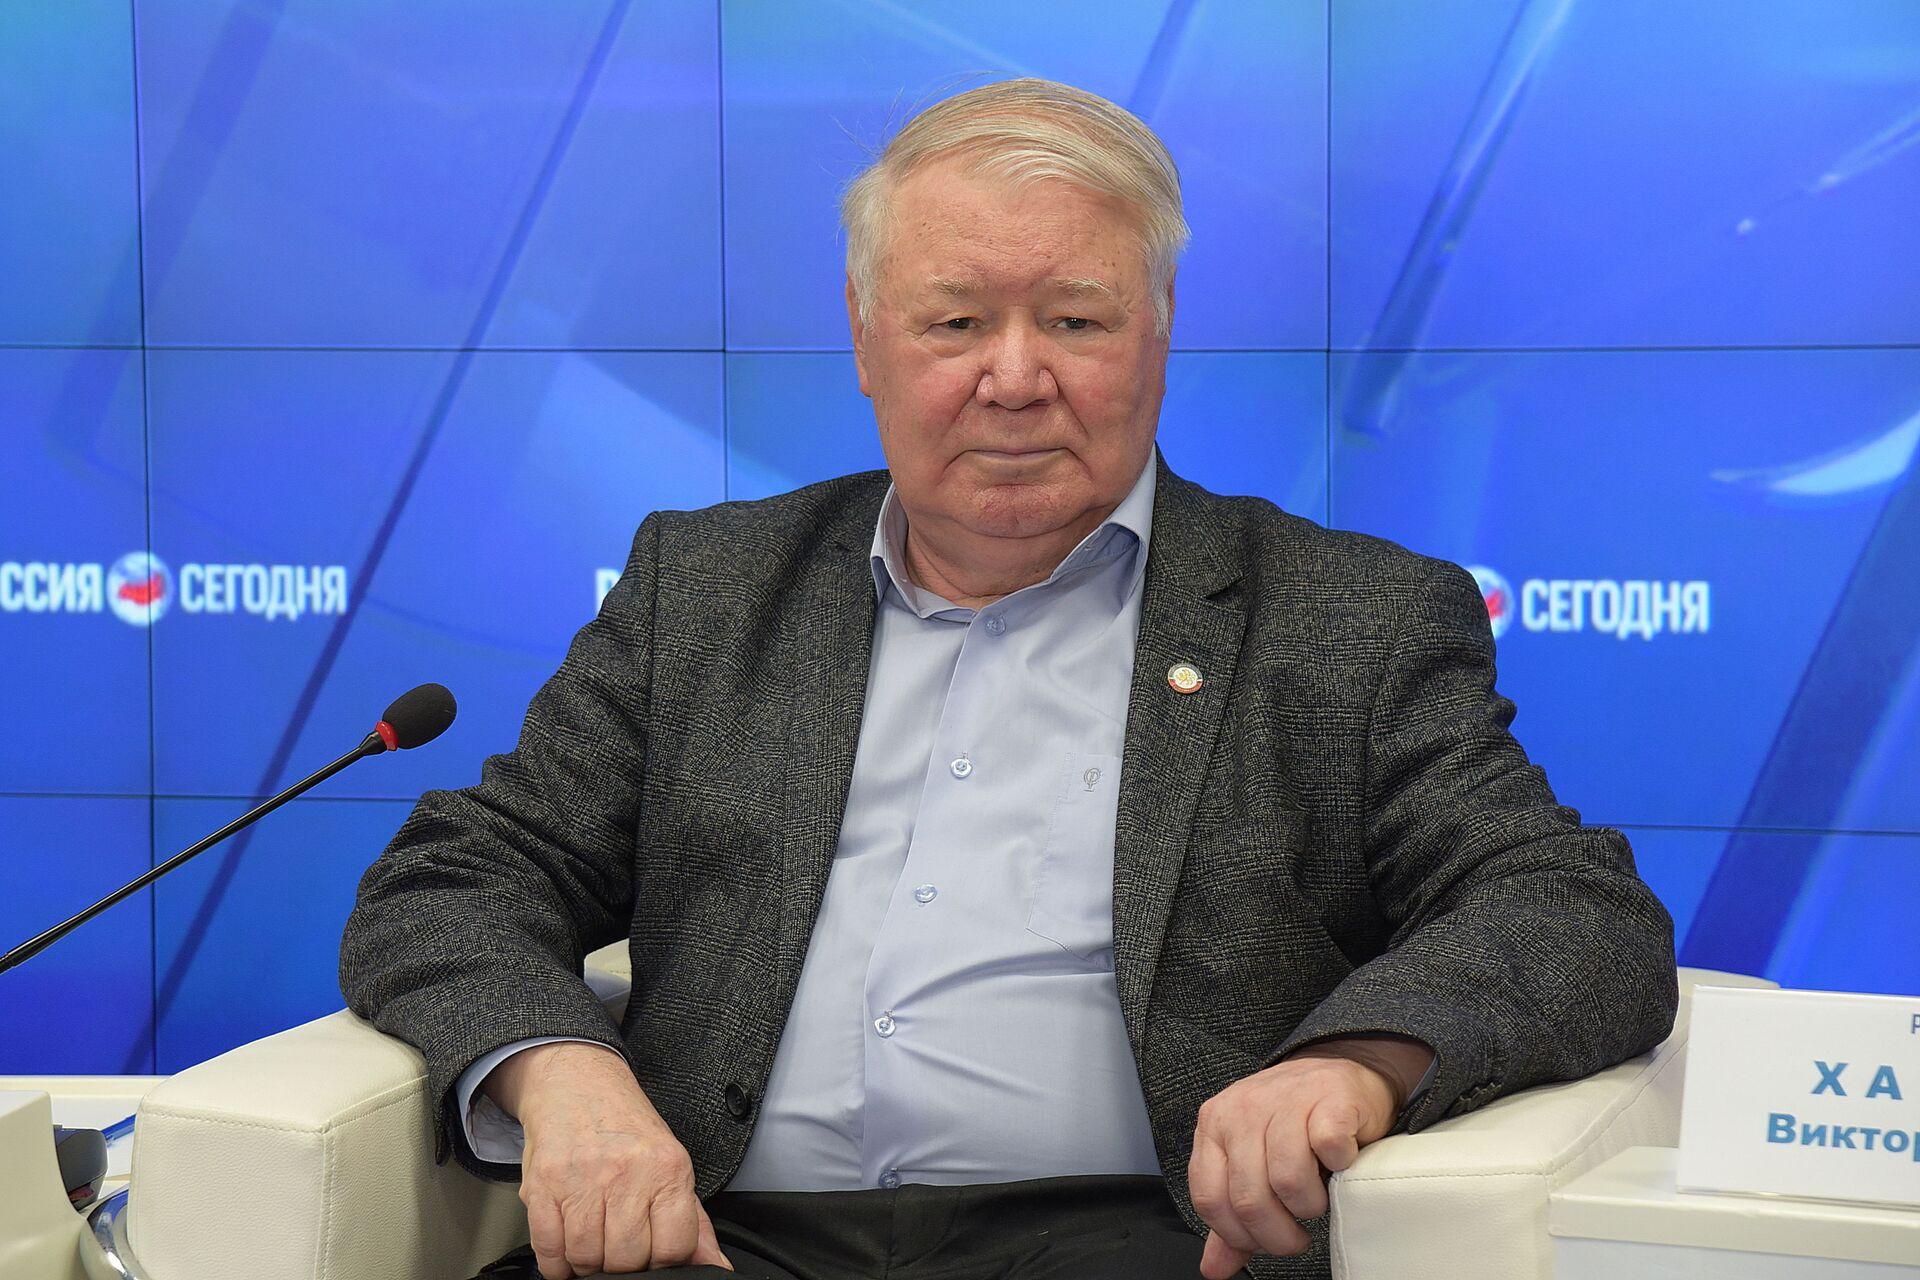 Председатель Общественной палаты РК ,политолог Александр Форманчук - РИА Новости, 1920, 25.08.2021